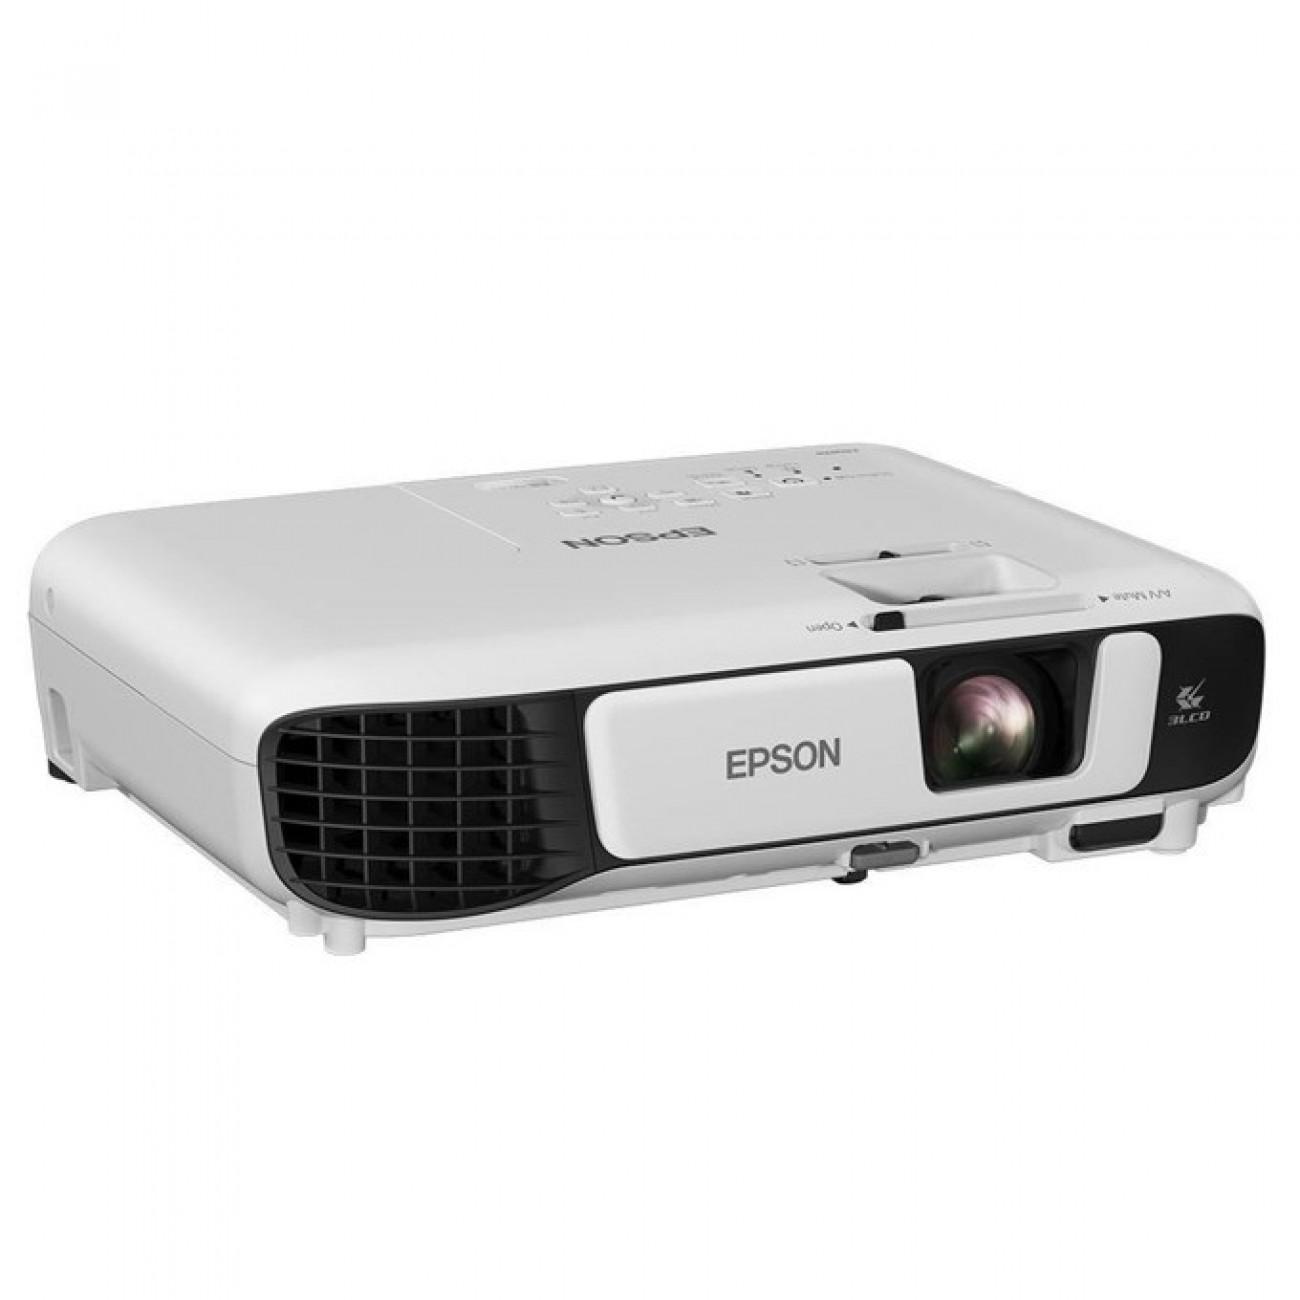 Проектор Epson EB-W41, 3LCD, WXGA (1280 x 800), 15,000:1, 3600 lm, HDMI, USB Type A, USB Type B, VGA в Проектори -  | Alleop